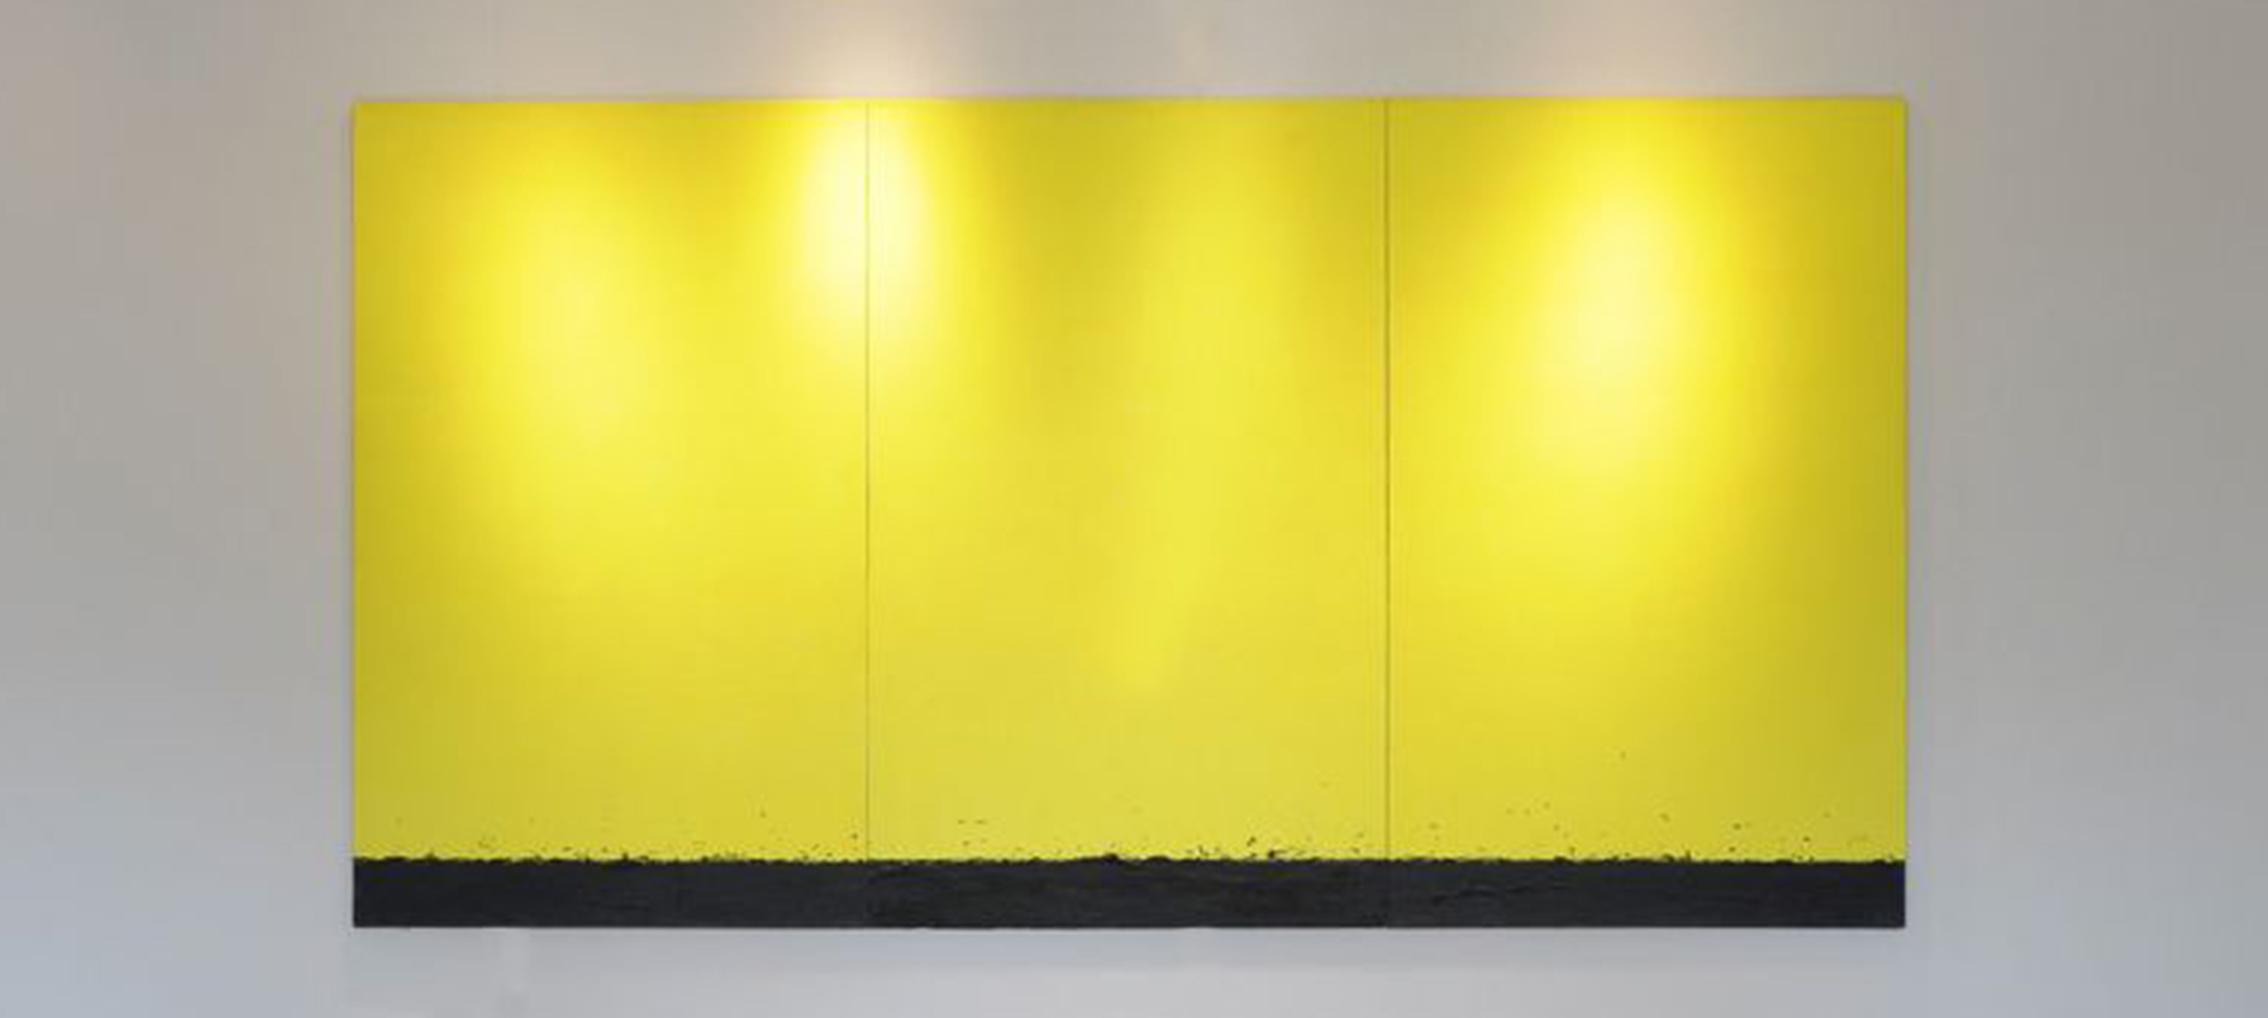 Tomasz Zawadzki, Bez tytułu, akryl płótno, 200 x 375 cm, 1996